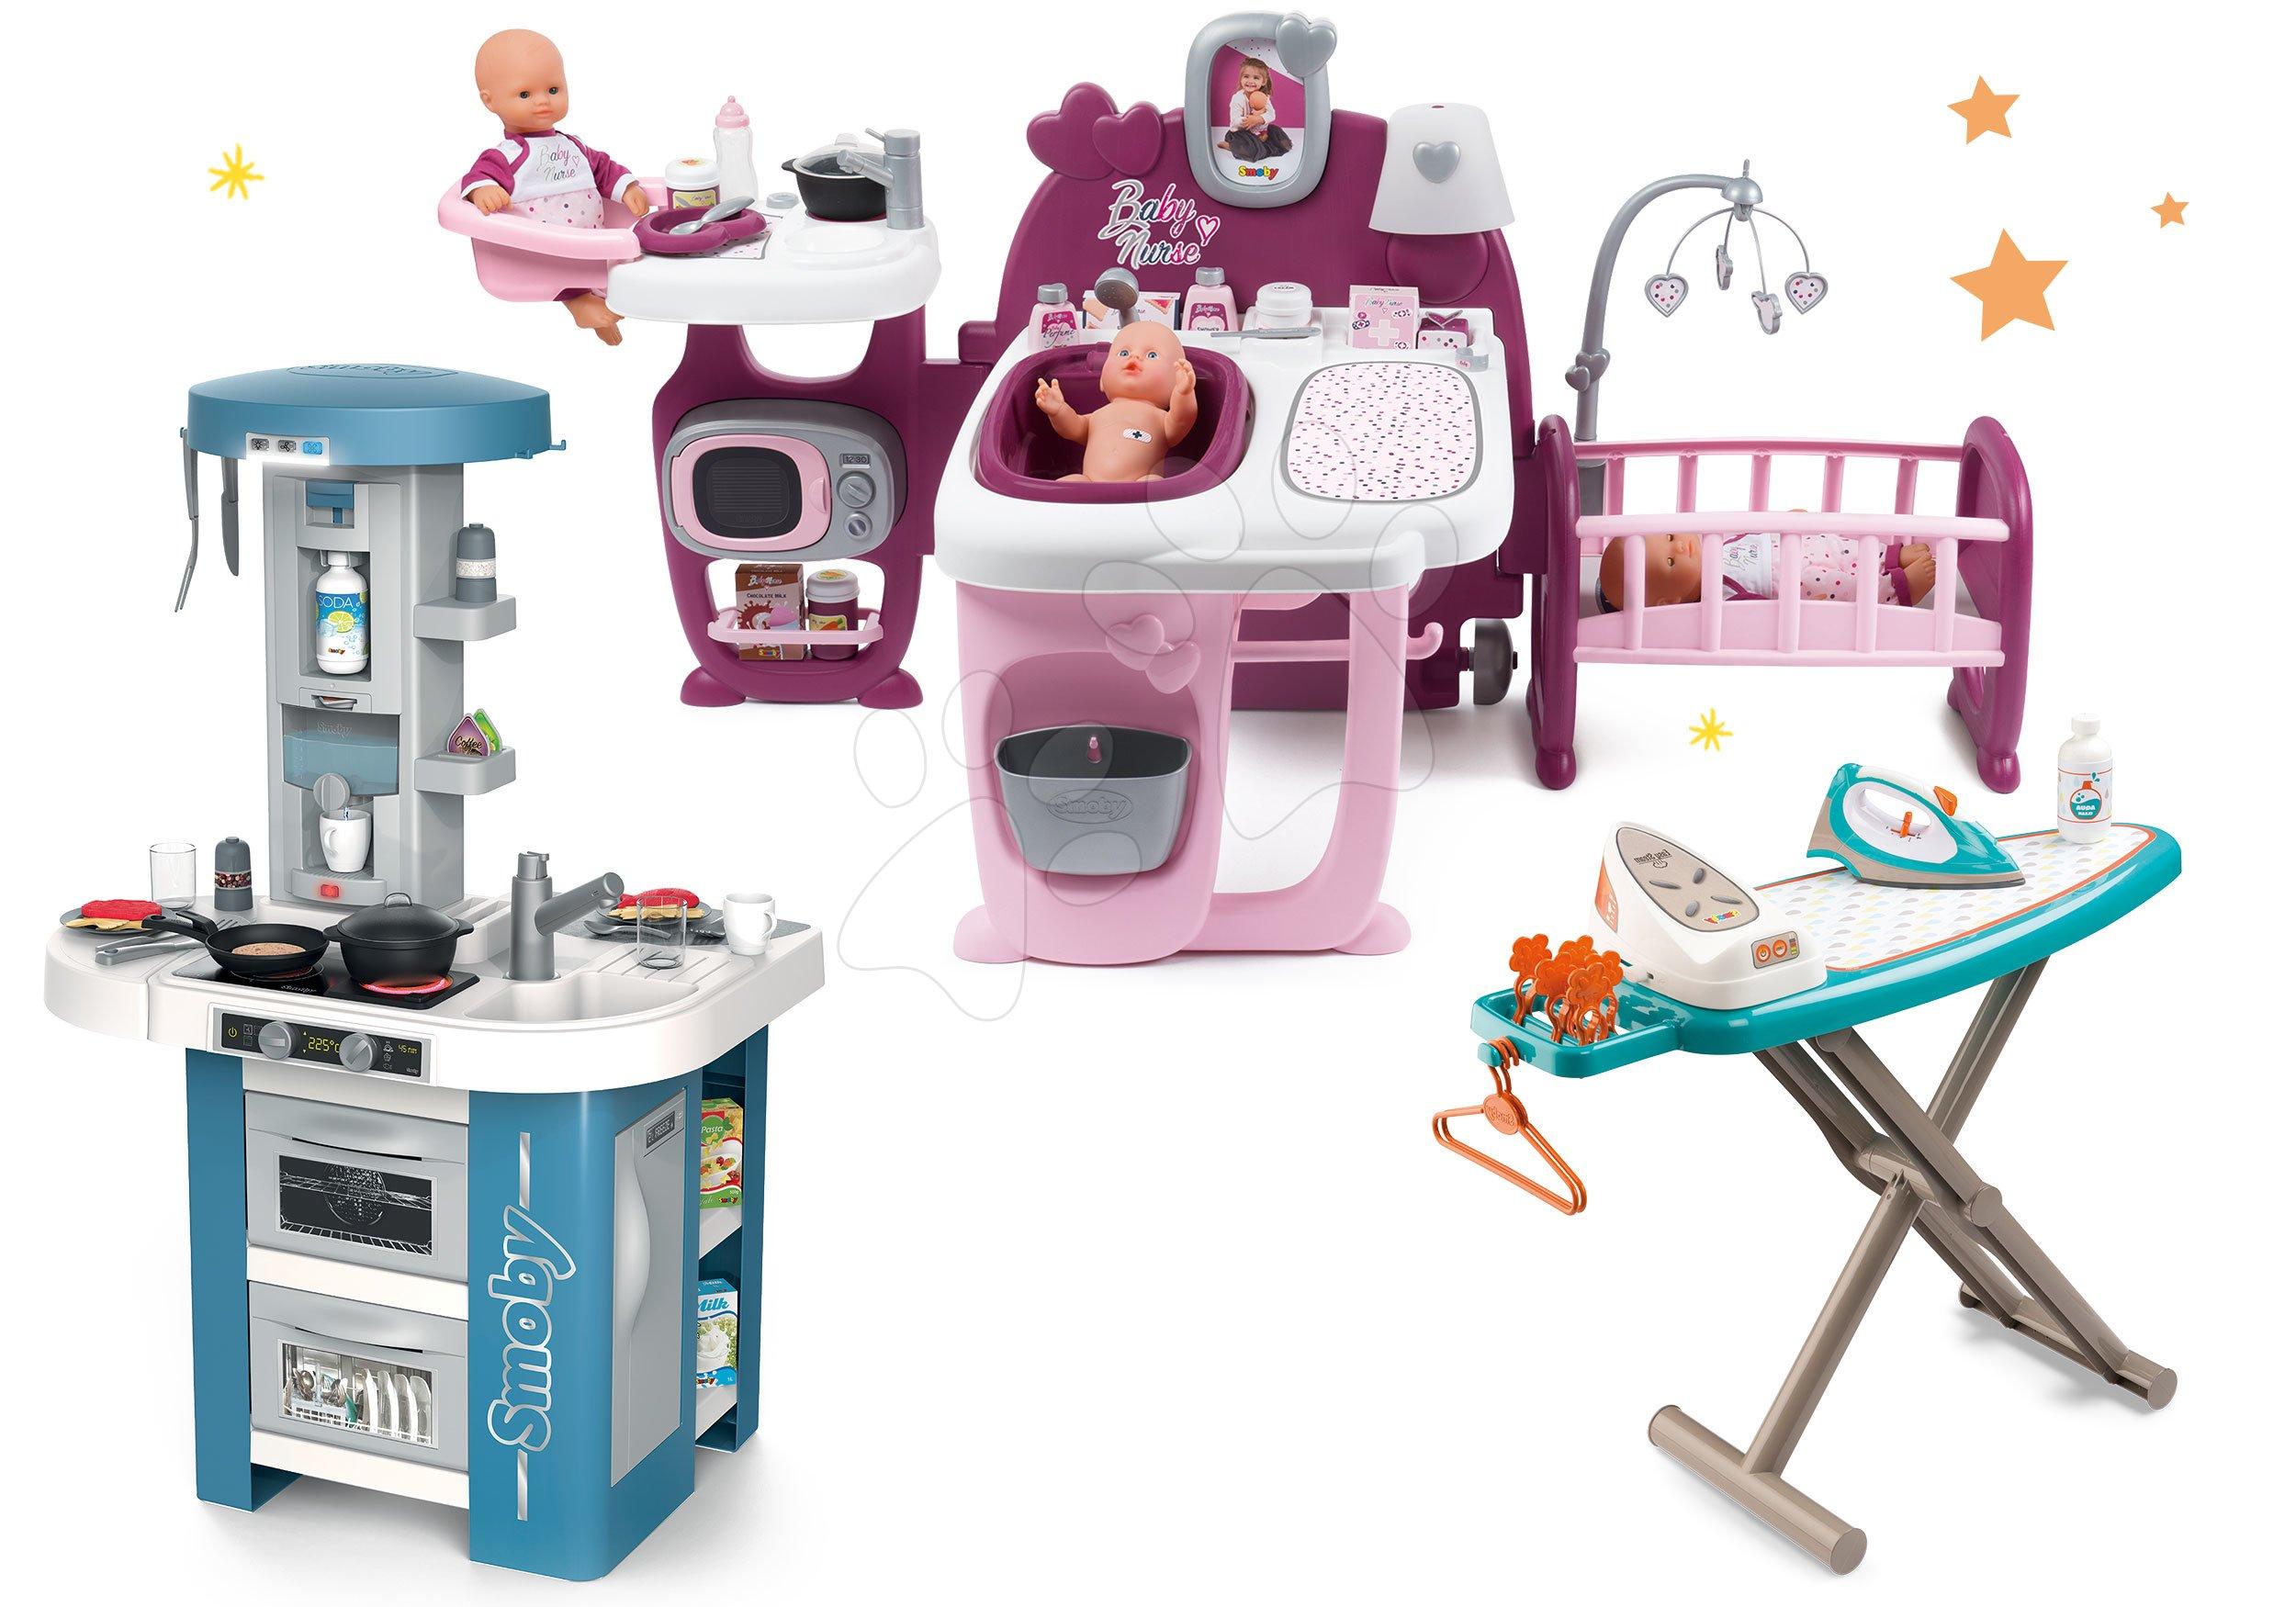 Smoby set domeček pro panenku Baby Nurse, kuchynka Tefal French Bubble a žehlicí prkno se žehličkou 220327-15